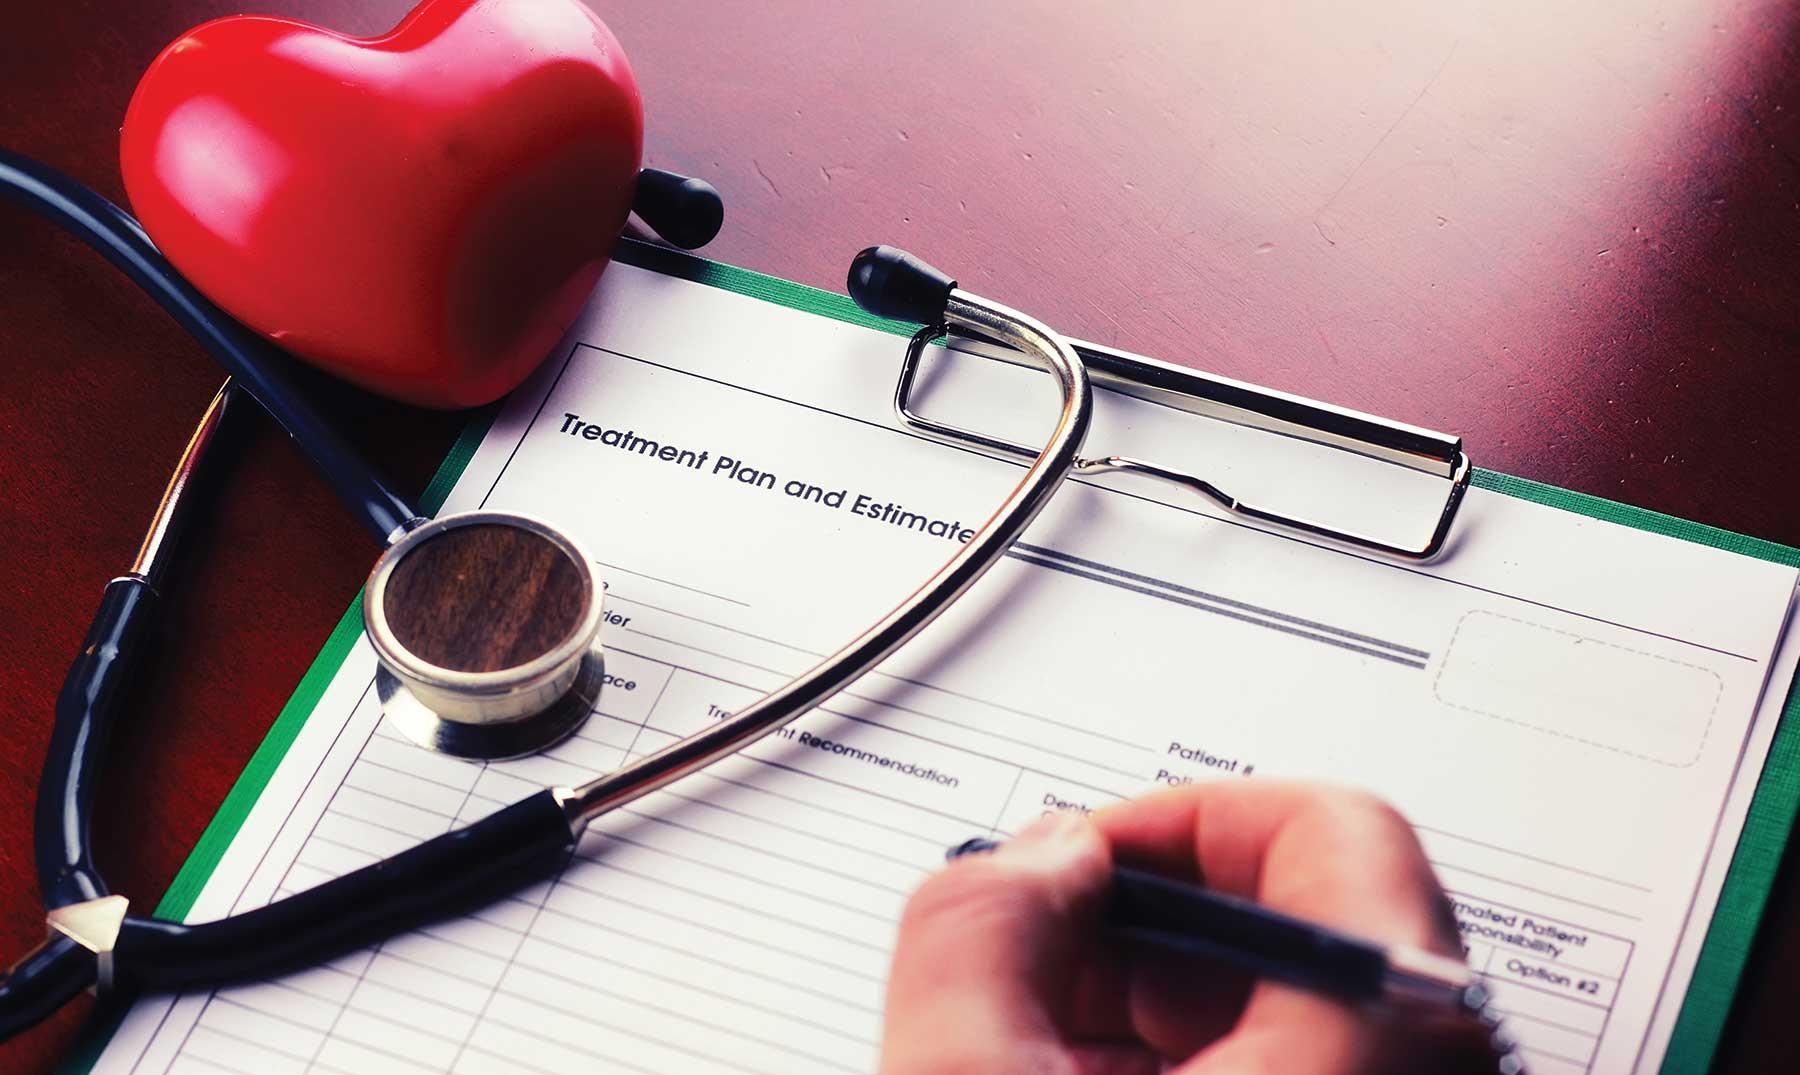 Seguro medico Australia |Cuando es necesario, mejores opciones